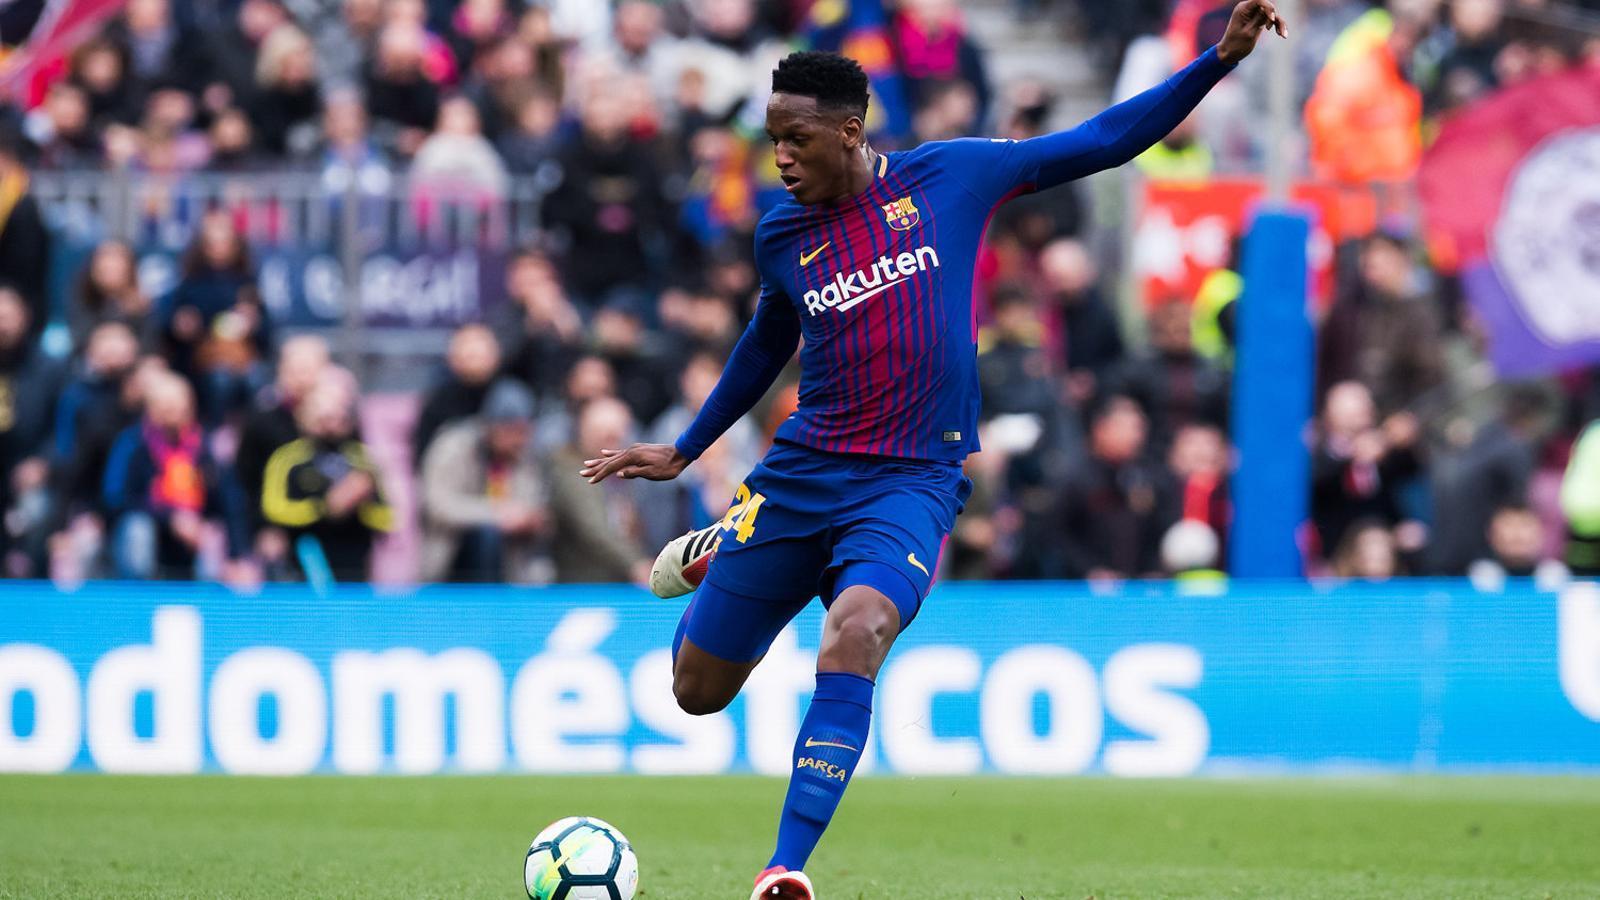 Yerry Mina durant el partit de lliga contra el Getafe, quan va debutar amb el Barça al Camp Nou.